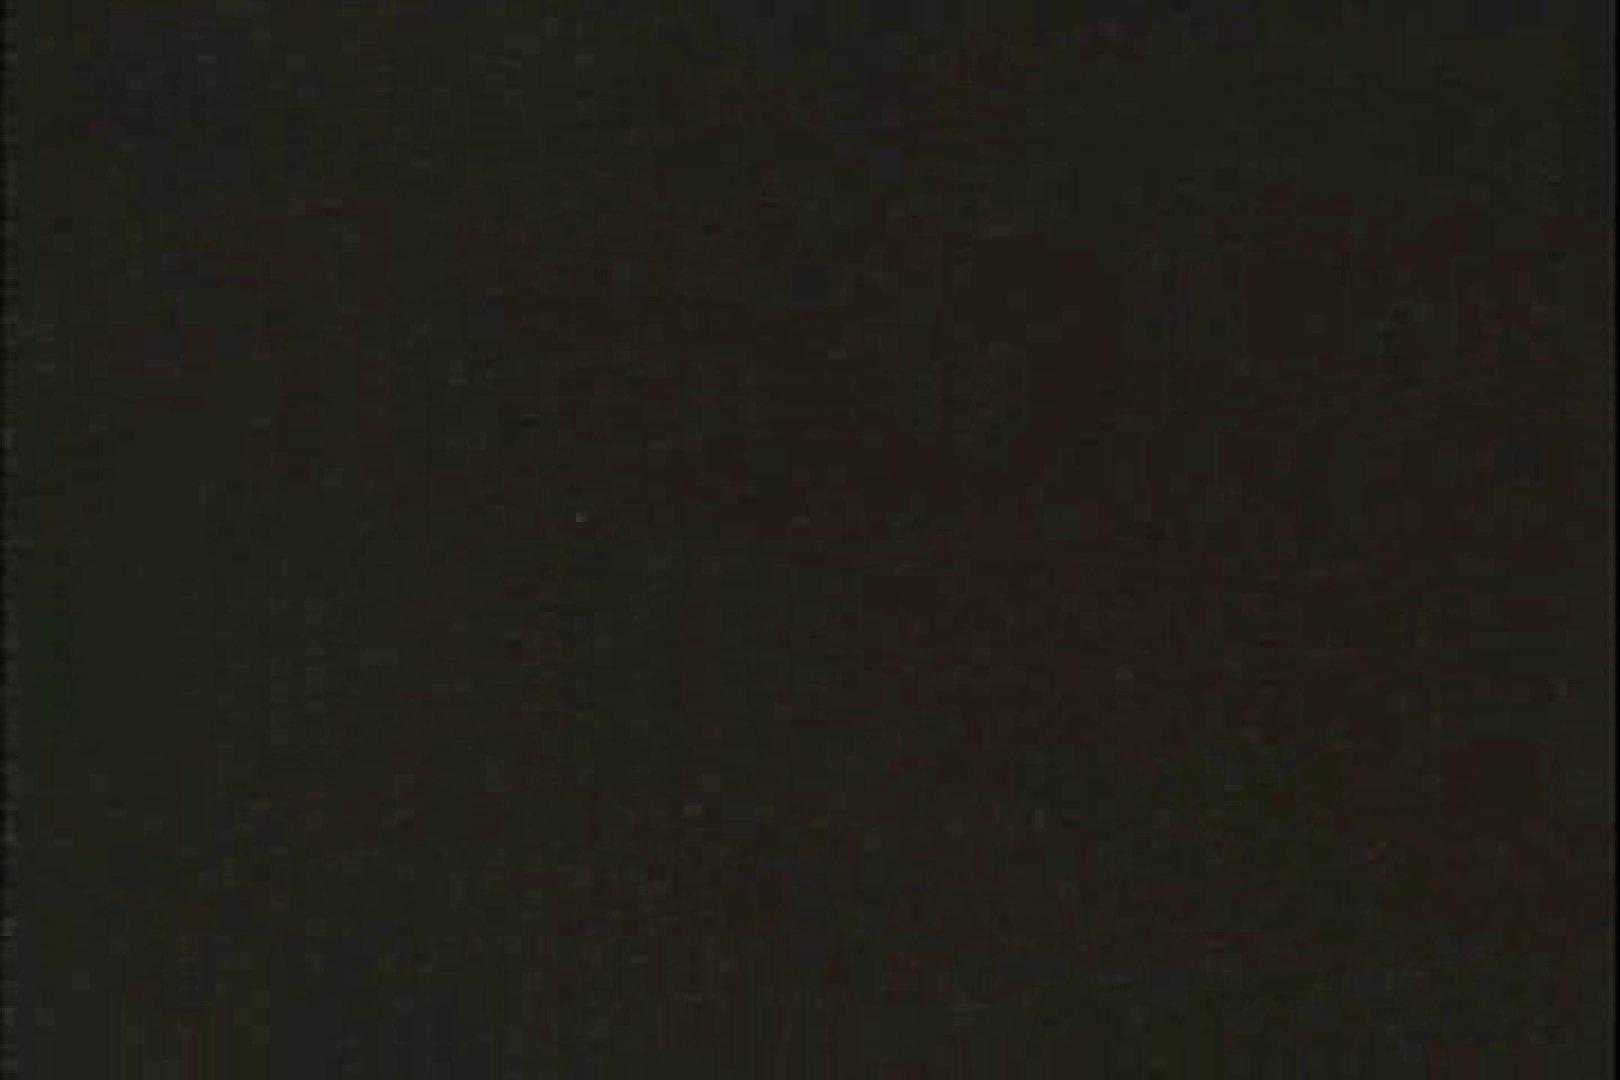 「ちくりん」さんのオリジナル未編集パンチラVol.6_01 チラ すけべAV動画紹介 73画像 6